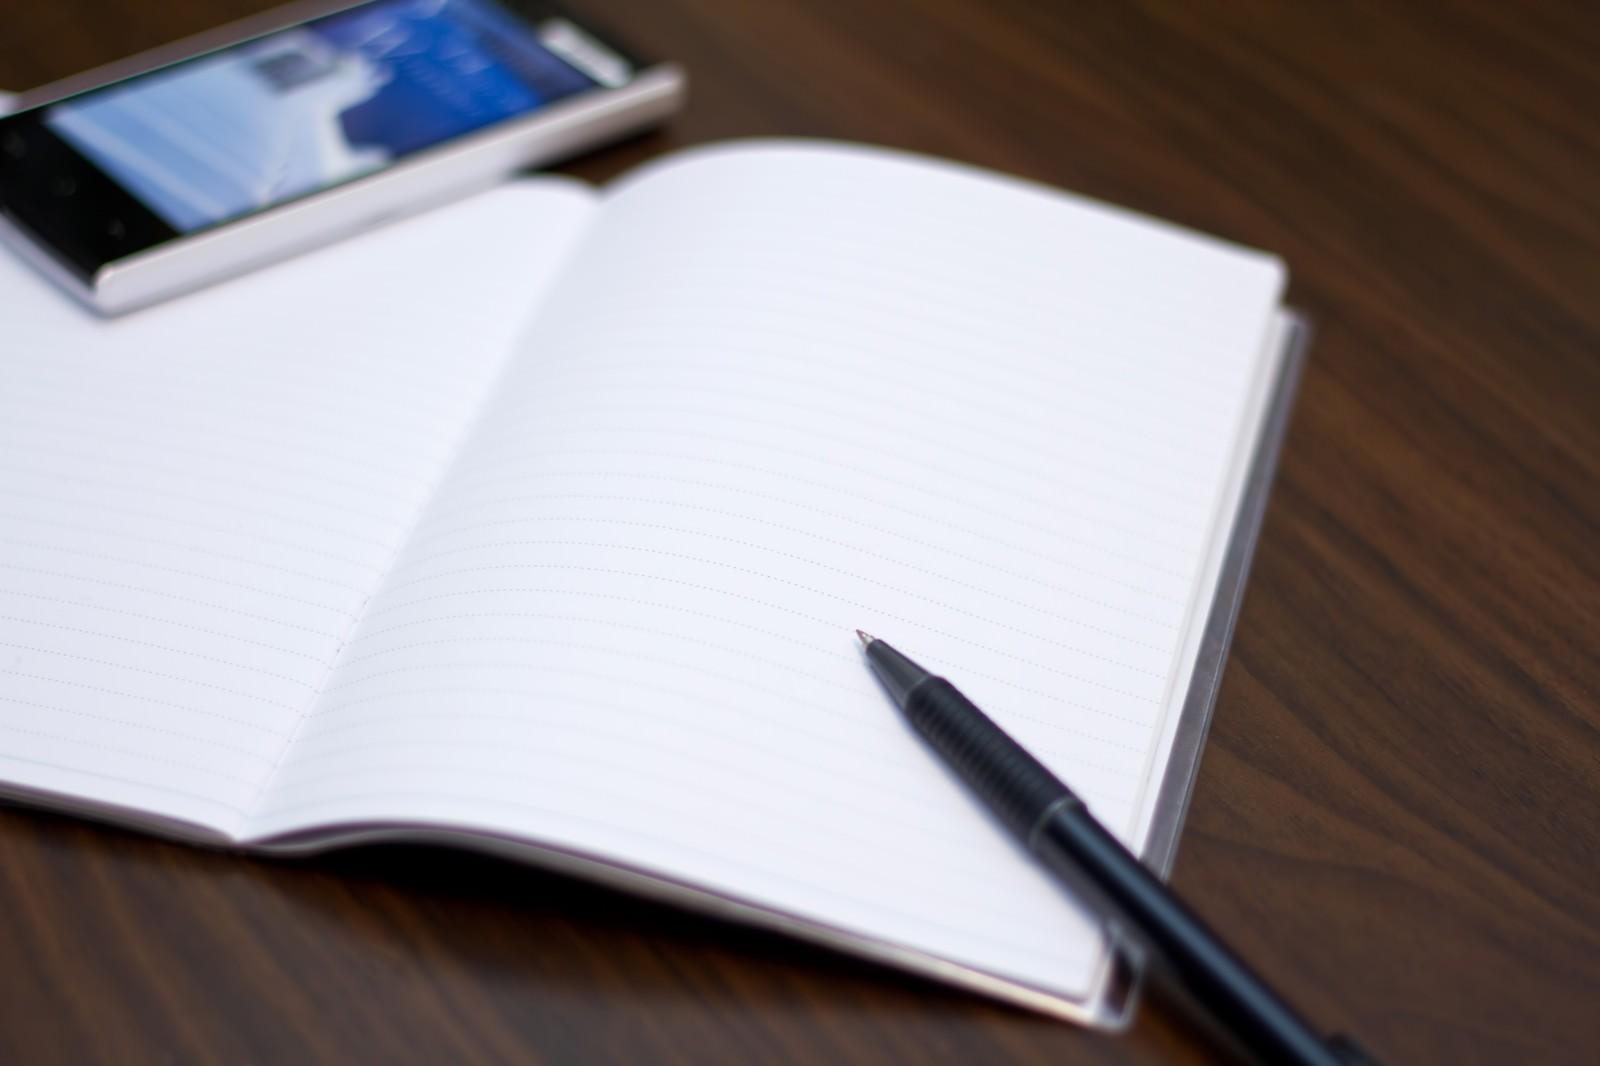 「携帯とノートとペン携帯とノートとペン」のフリー写真素材を拡大